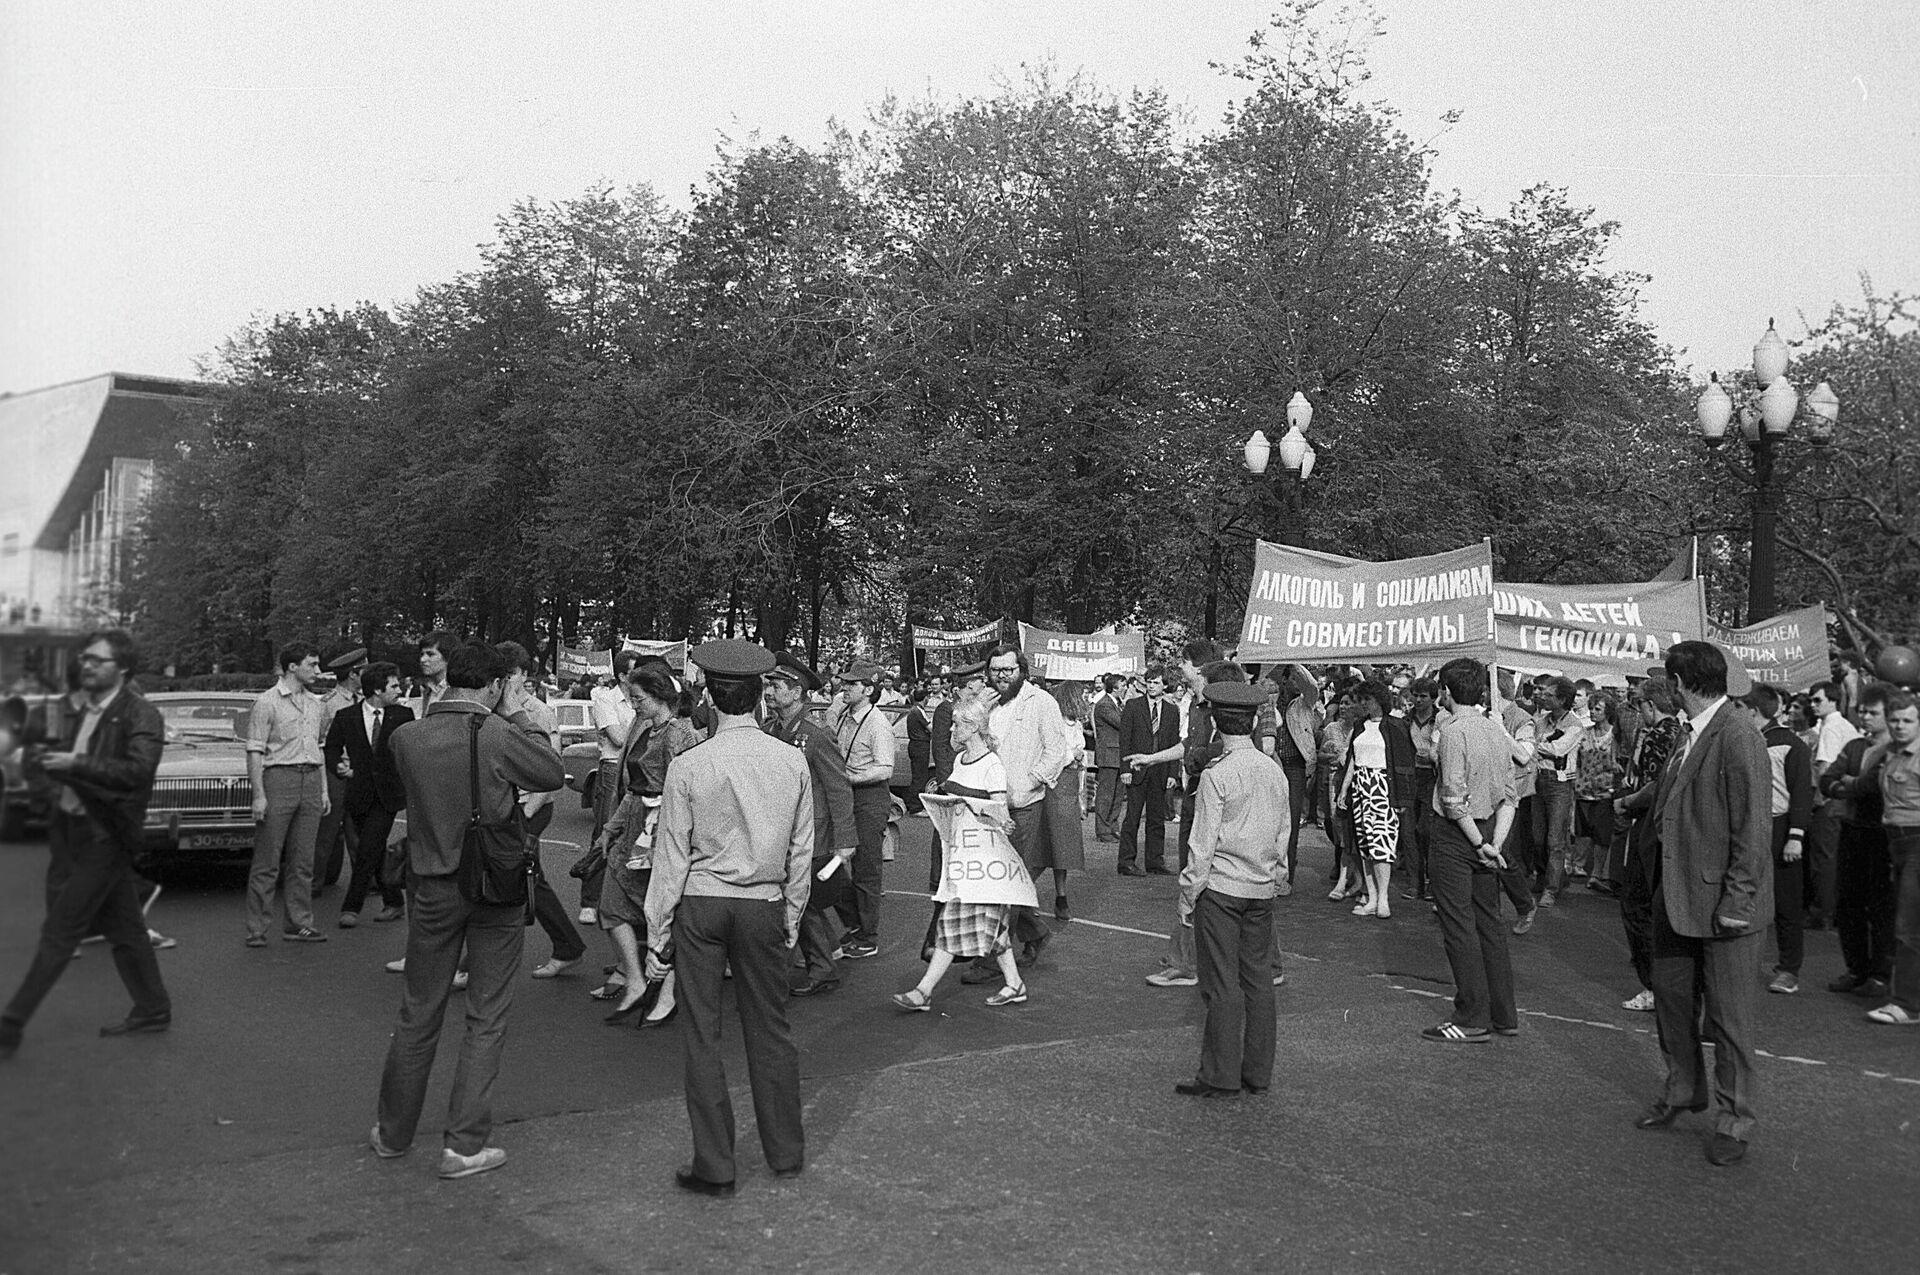 Антиалкогольная демонстрация на Пушкинской площади - РИА Новости, 1920, 08.09.2021